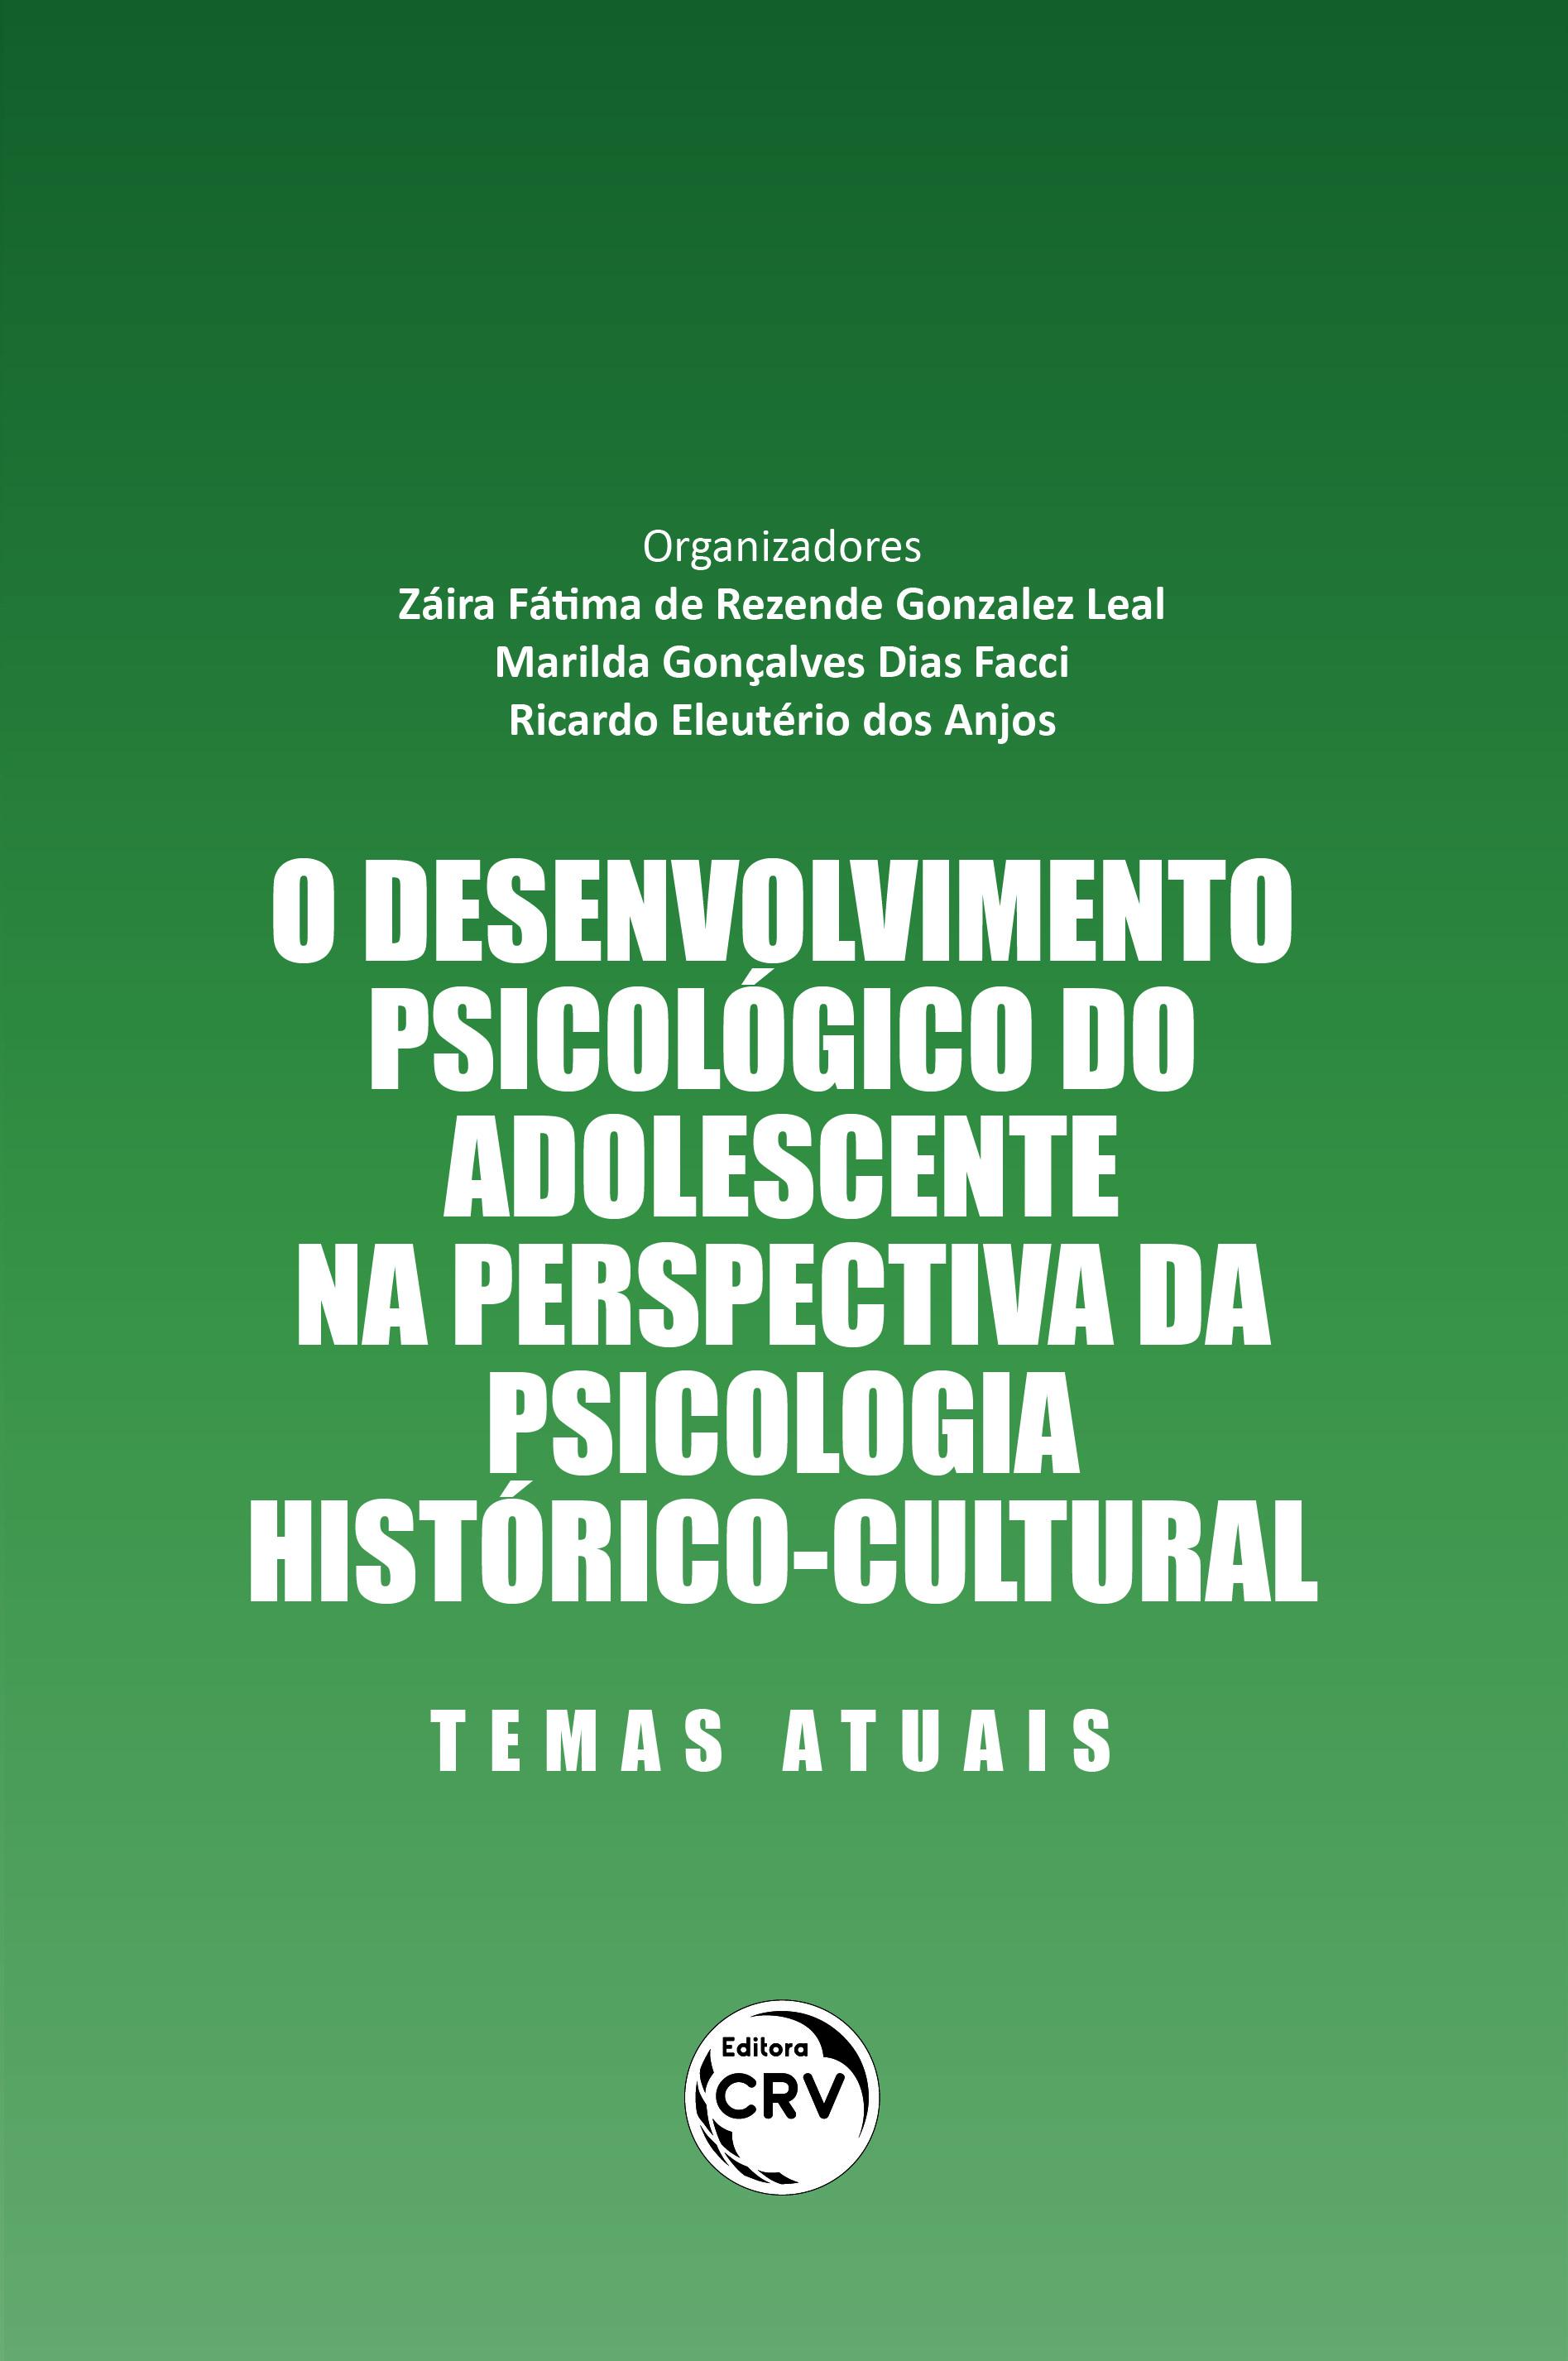 Capa do livro: O DESENVOLVIMENTO PSICOLÓGICO DO ADOLESCENTE NA PERSPECTIVA DA PSICOLOGIA HISTÓRICO-CULTURAL <br>temas atuais